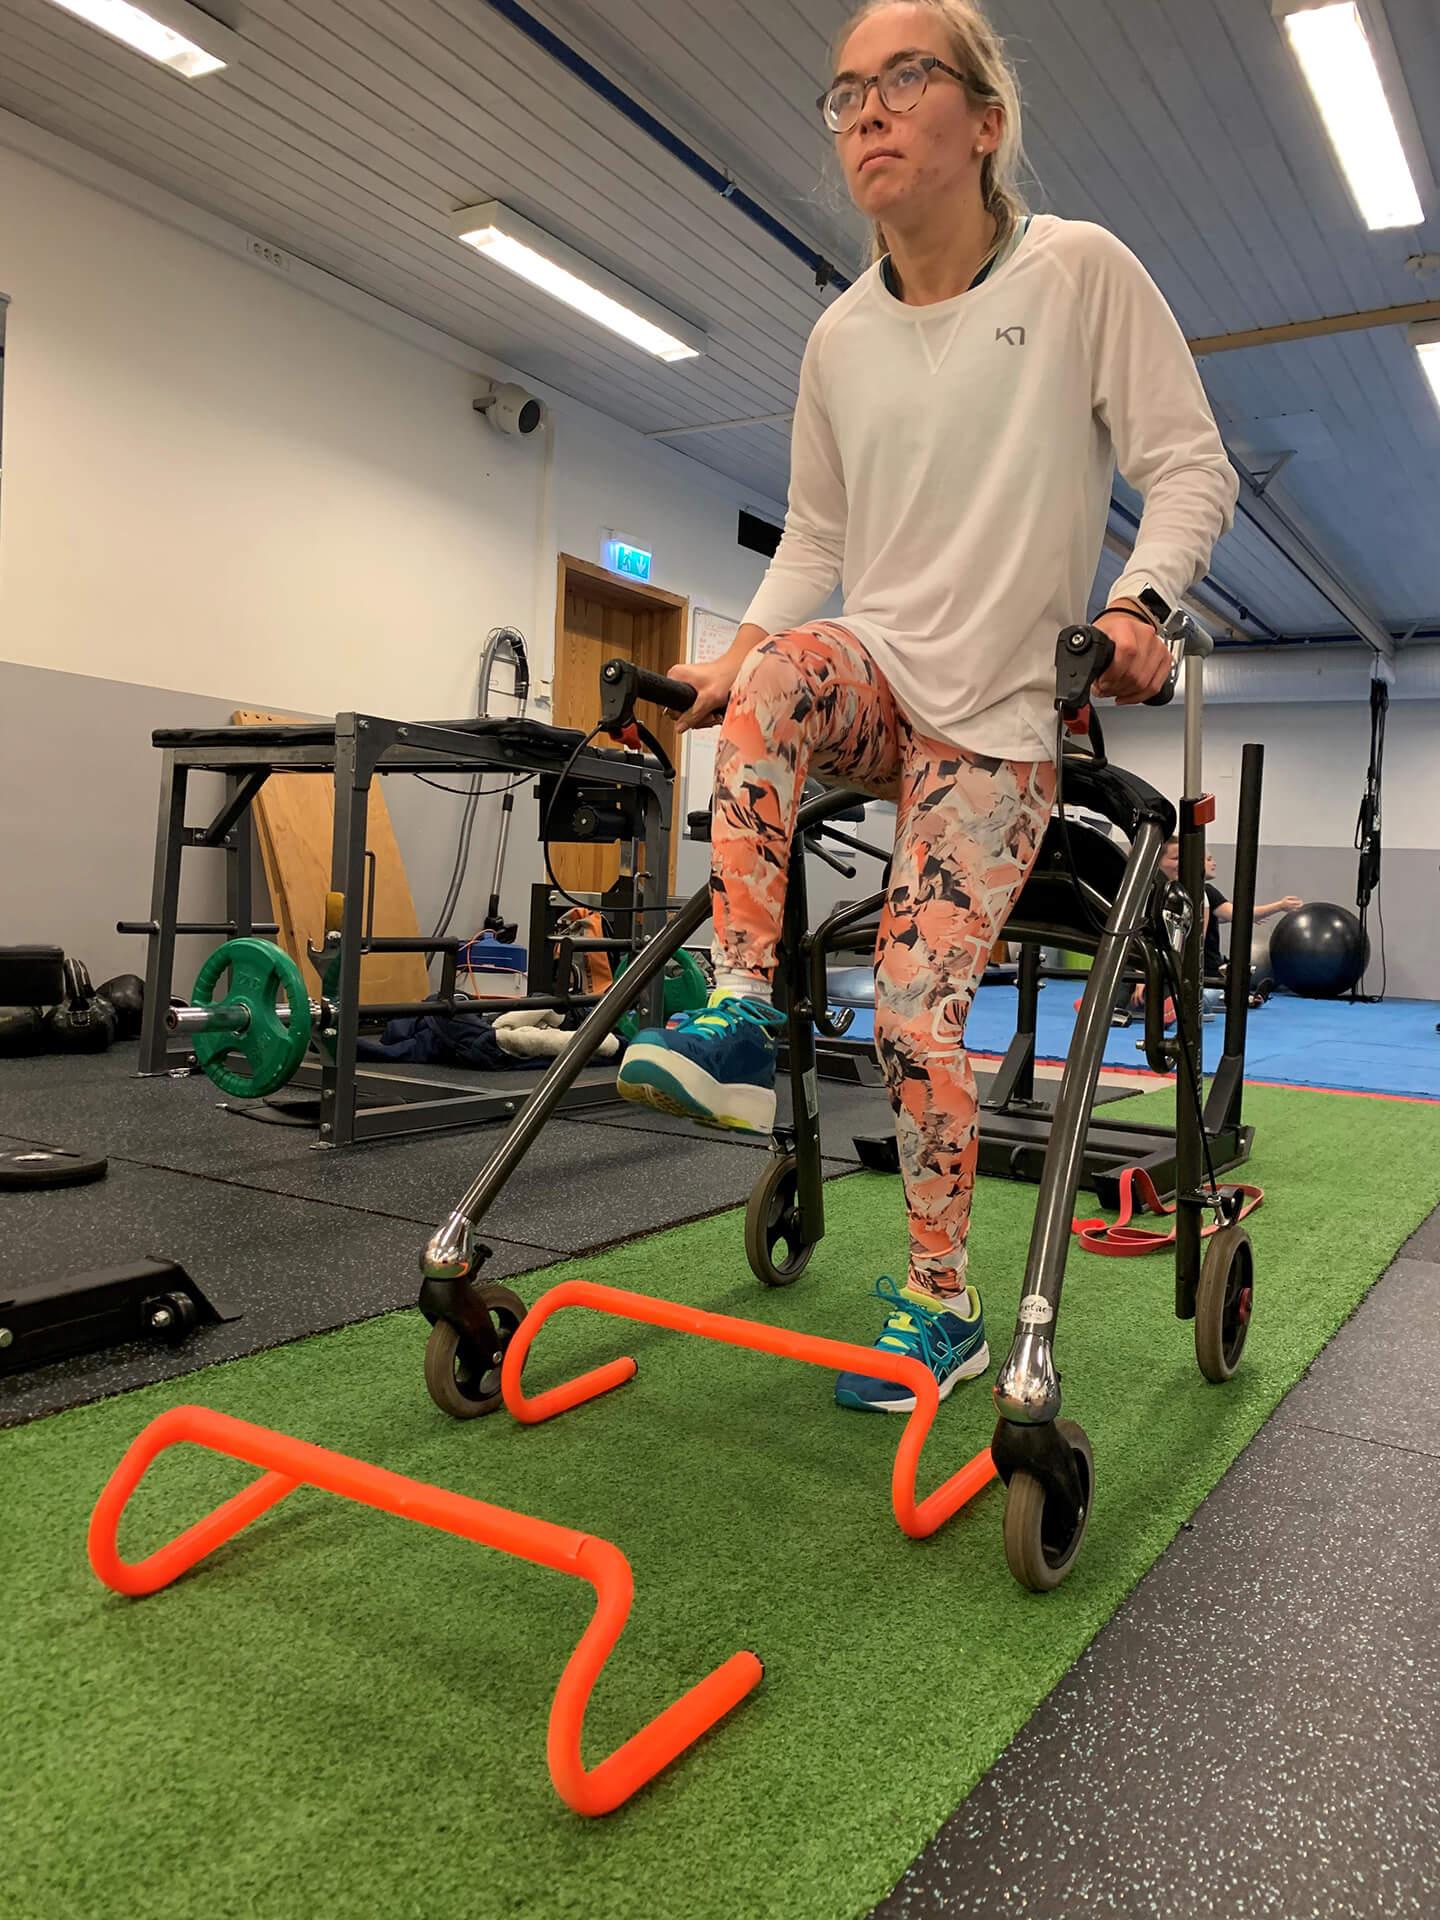 Bilde av Sofie Østerbø Jansen som trener innendørs. Hun lener seg mot et apparat med fire hjul mens hun beveger seg over hindre.